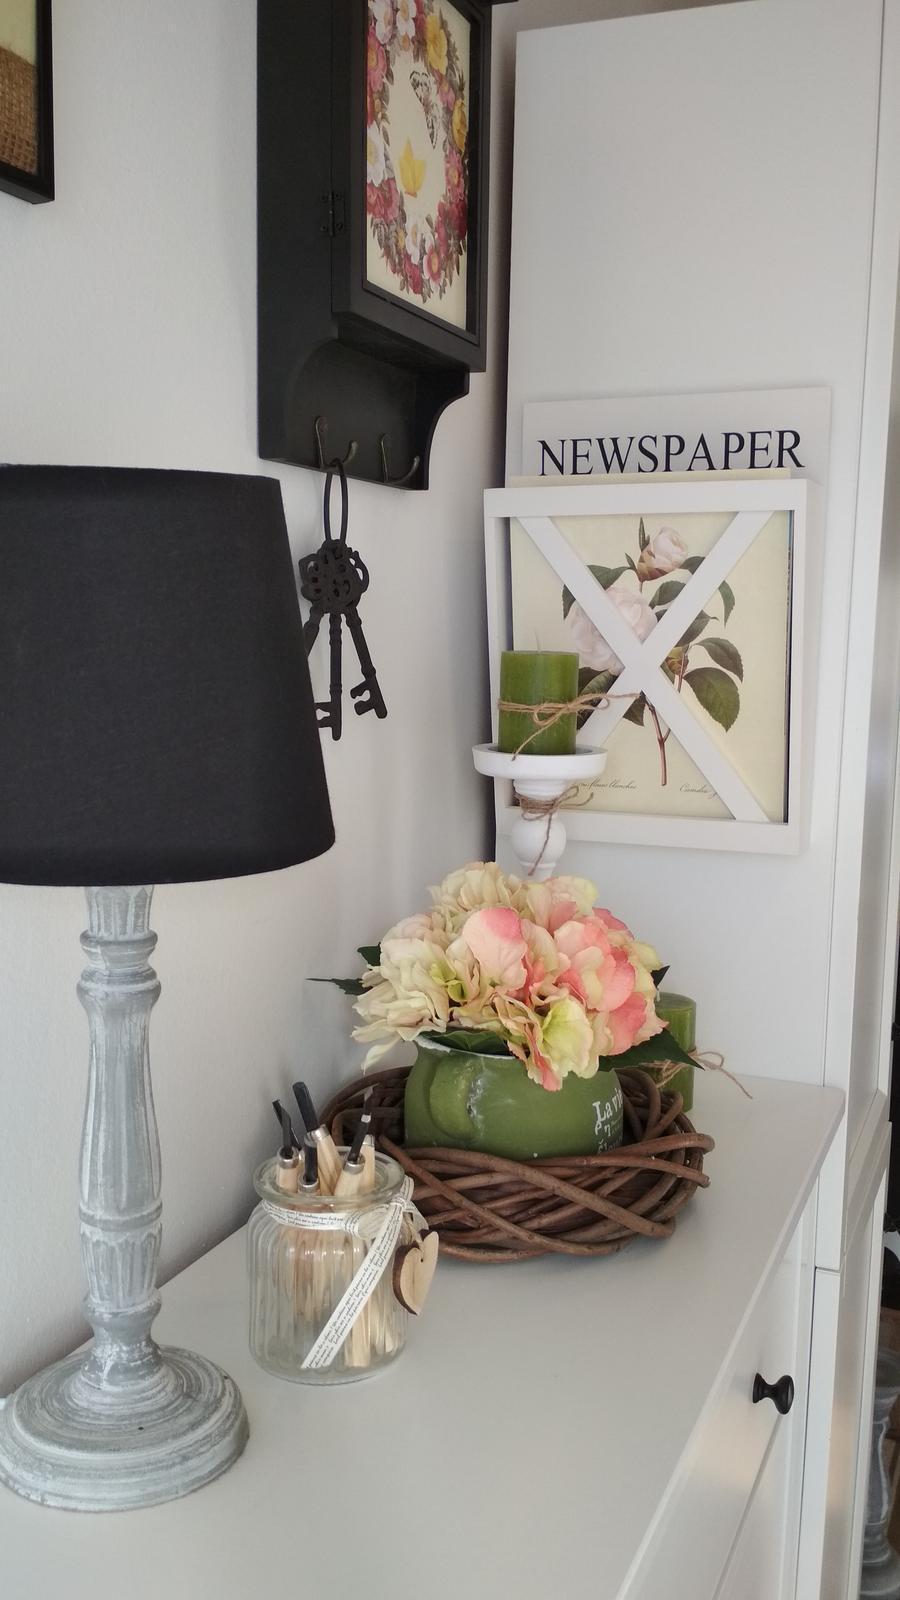 Náš domček ♡ Bramasole ♡ ... Stilo interiér aj exteriér 3. rok bývania - Obrázok č. 54